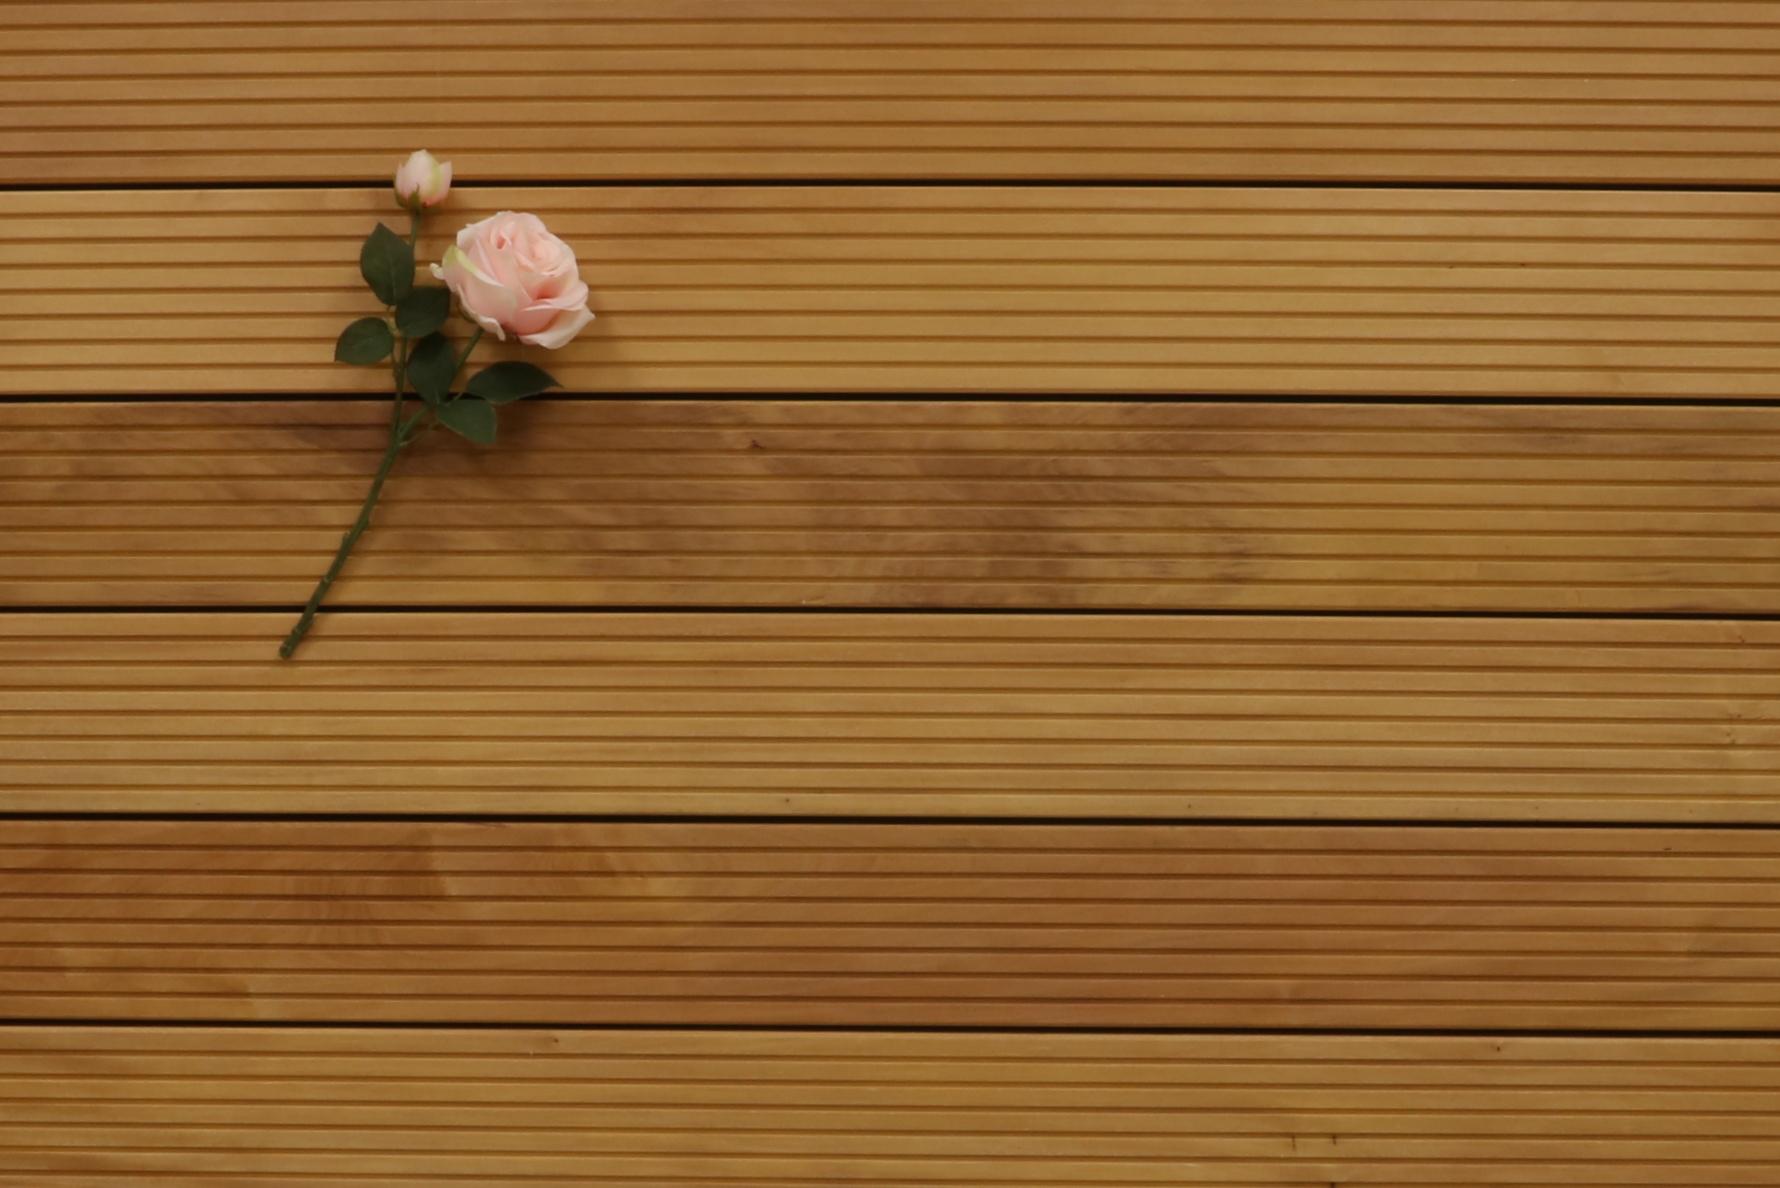 Holzterrasse Garapa, grob genutet, 25 x 145 bis 6100 mm Dielen, Premium (KD) Holz Bretter für die Terrasse, 11,90 €/lfm